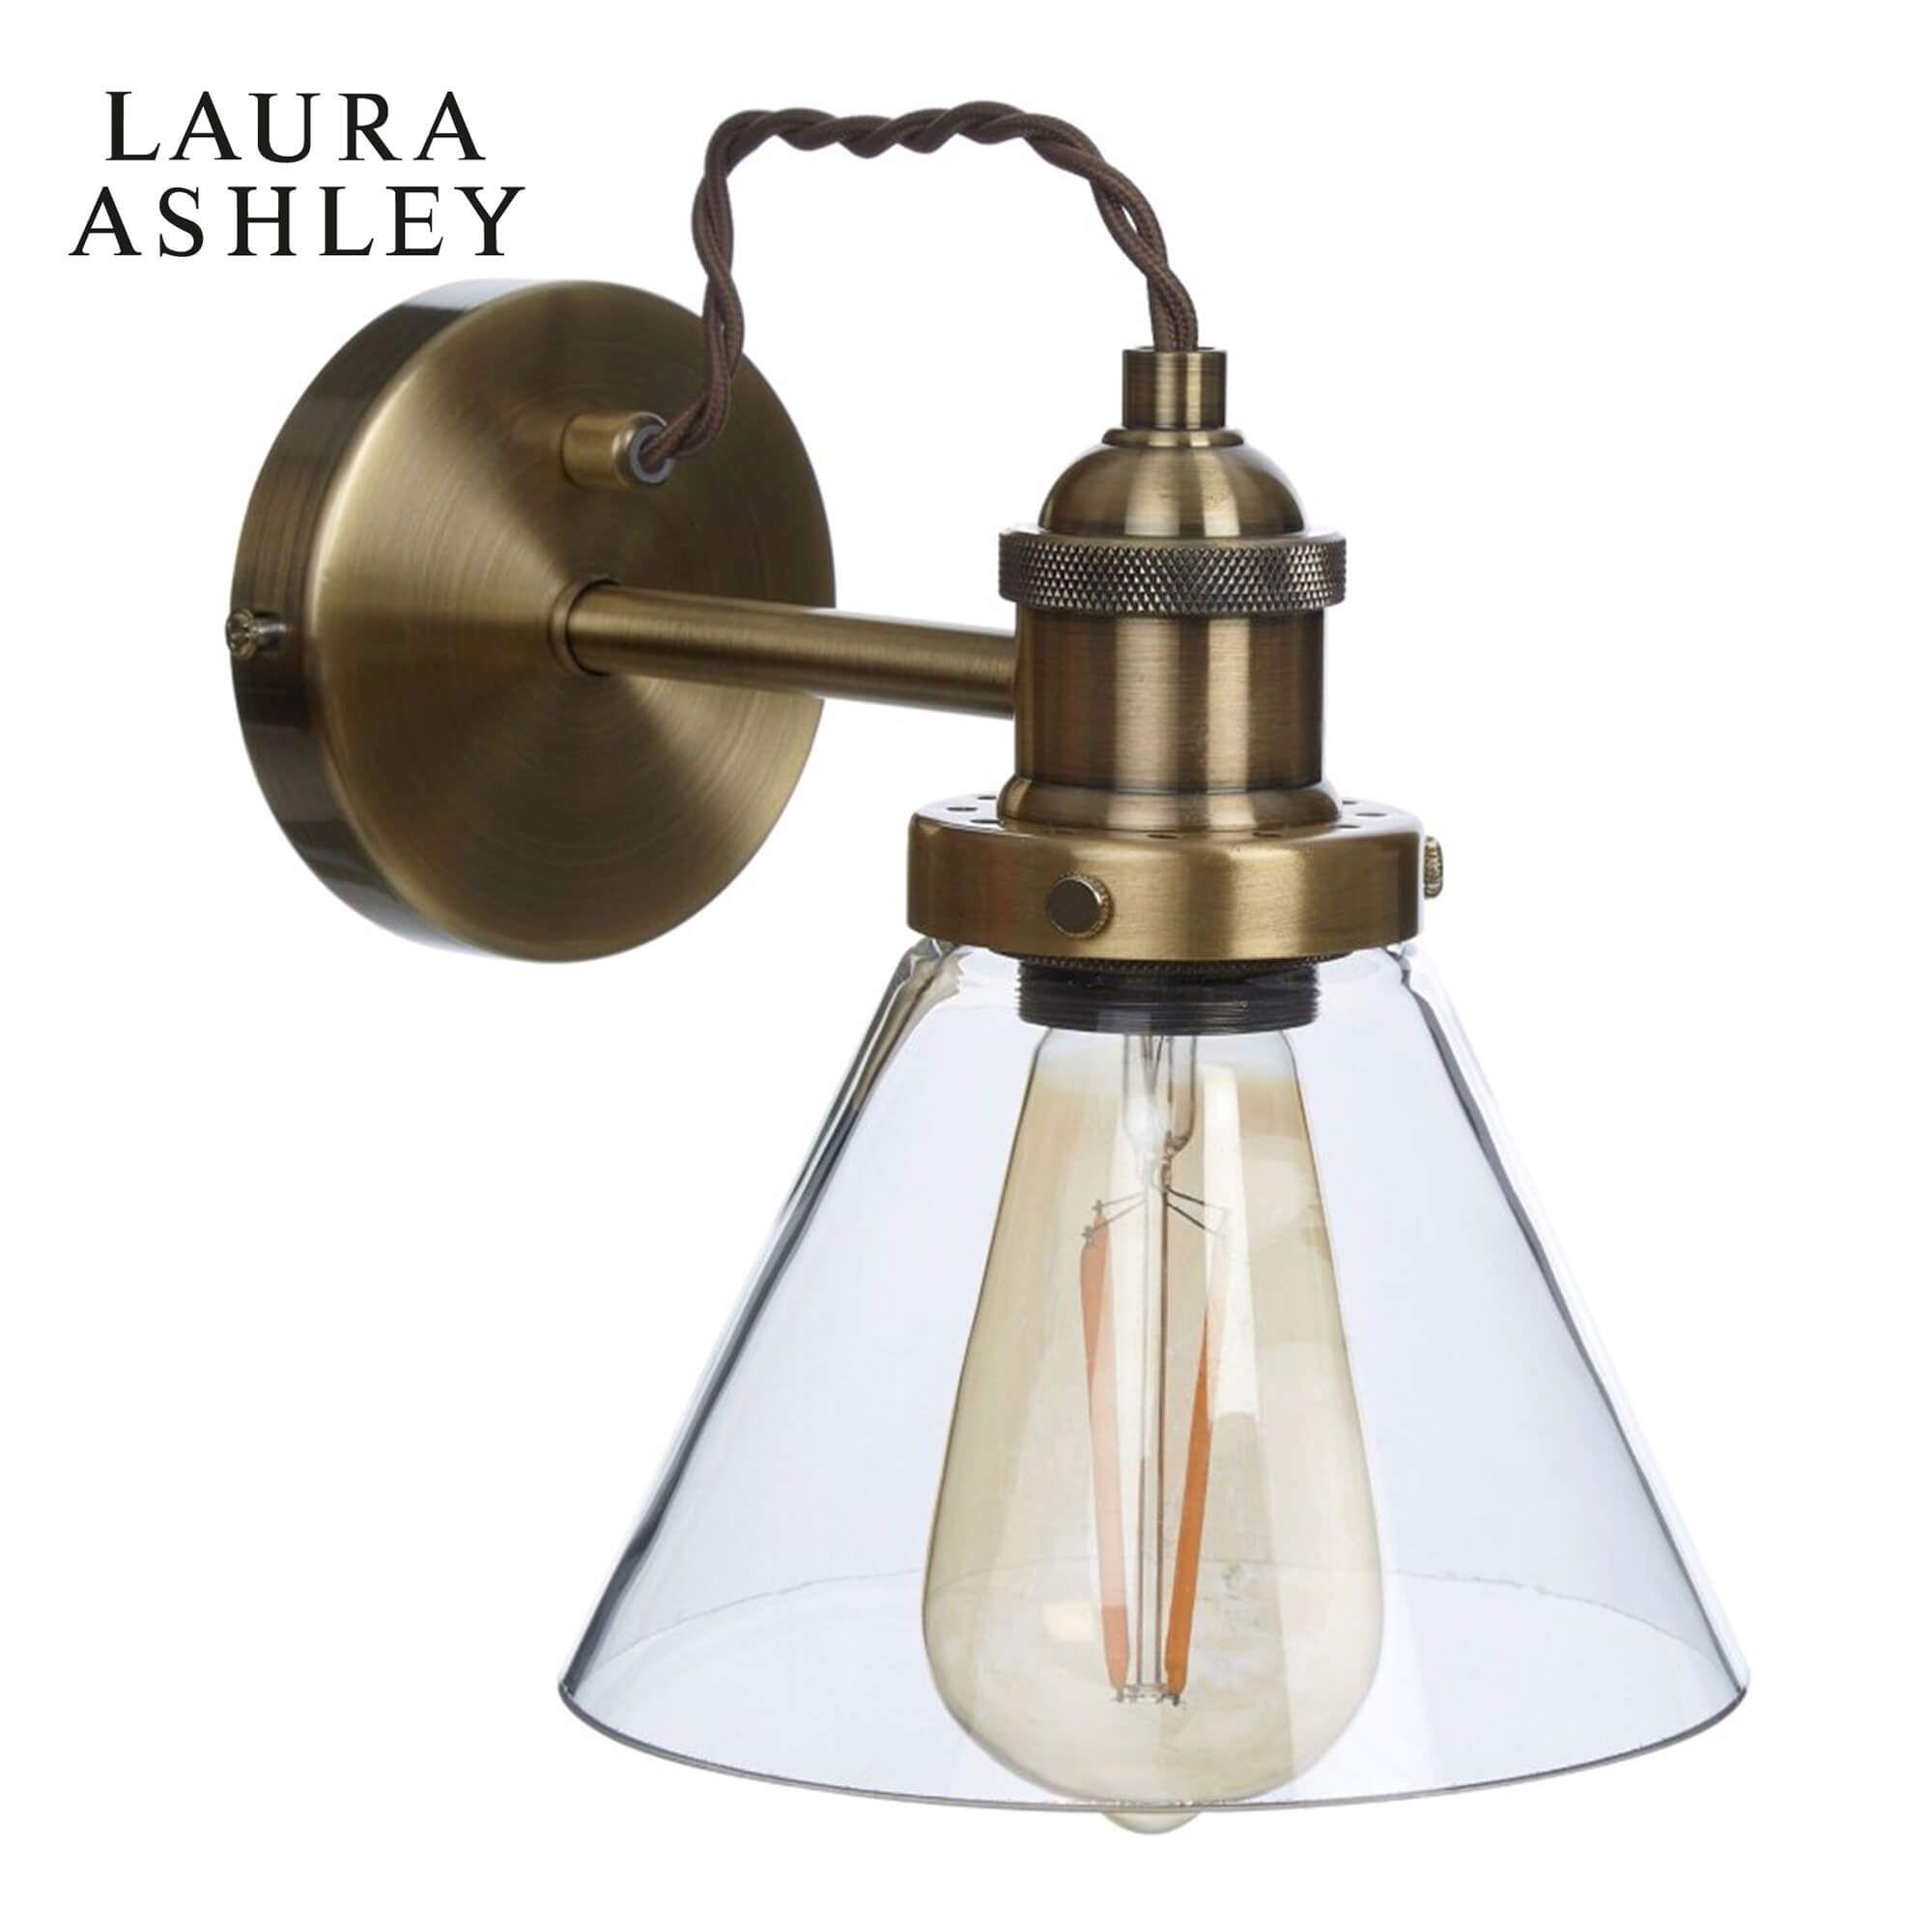 Laura Ashley Isaac Wall Light Antique Brass Glass